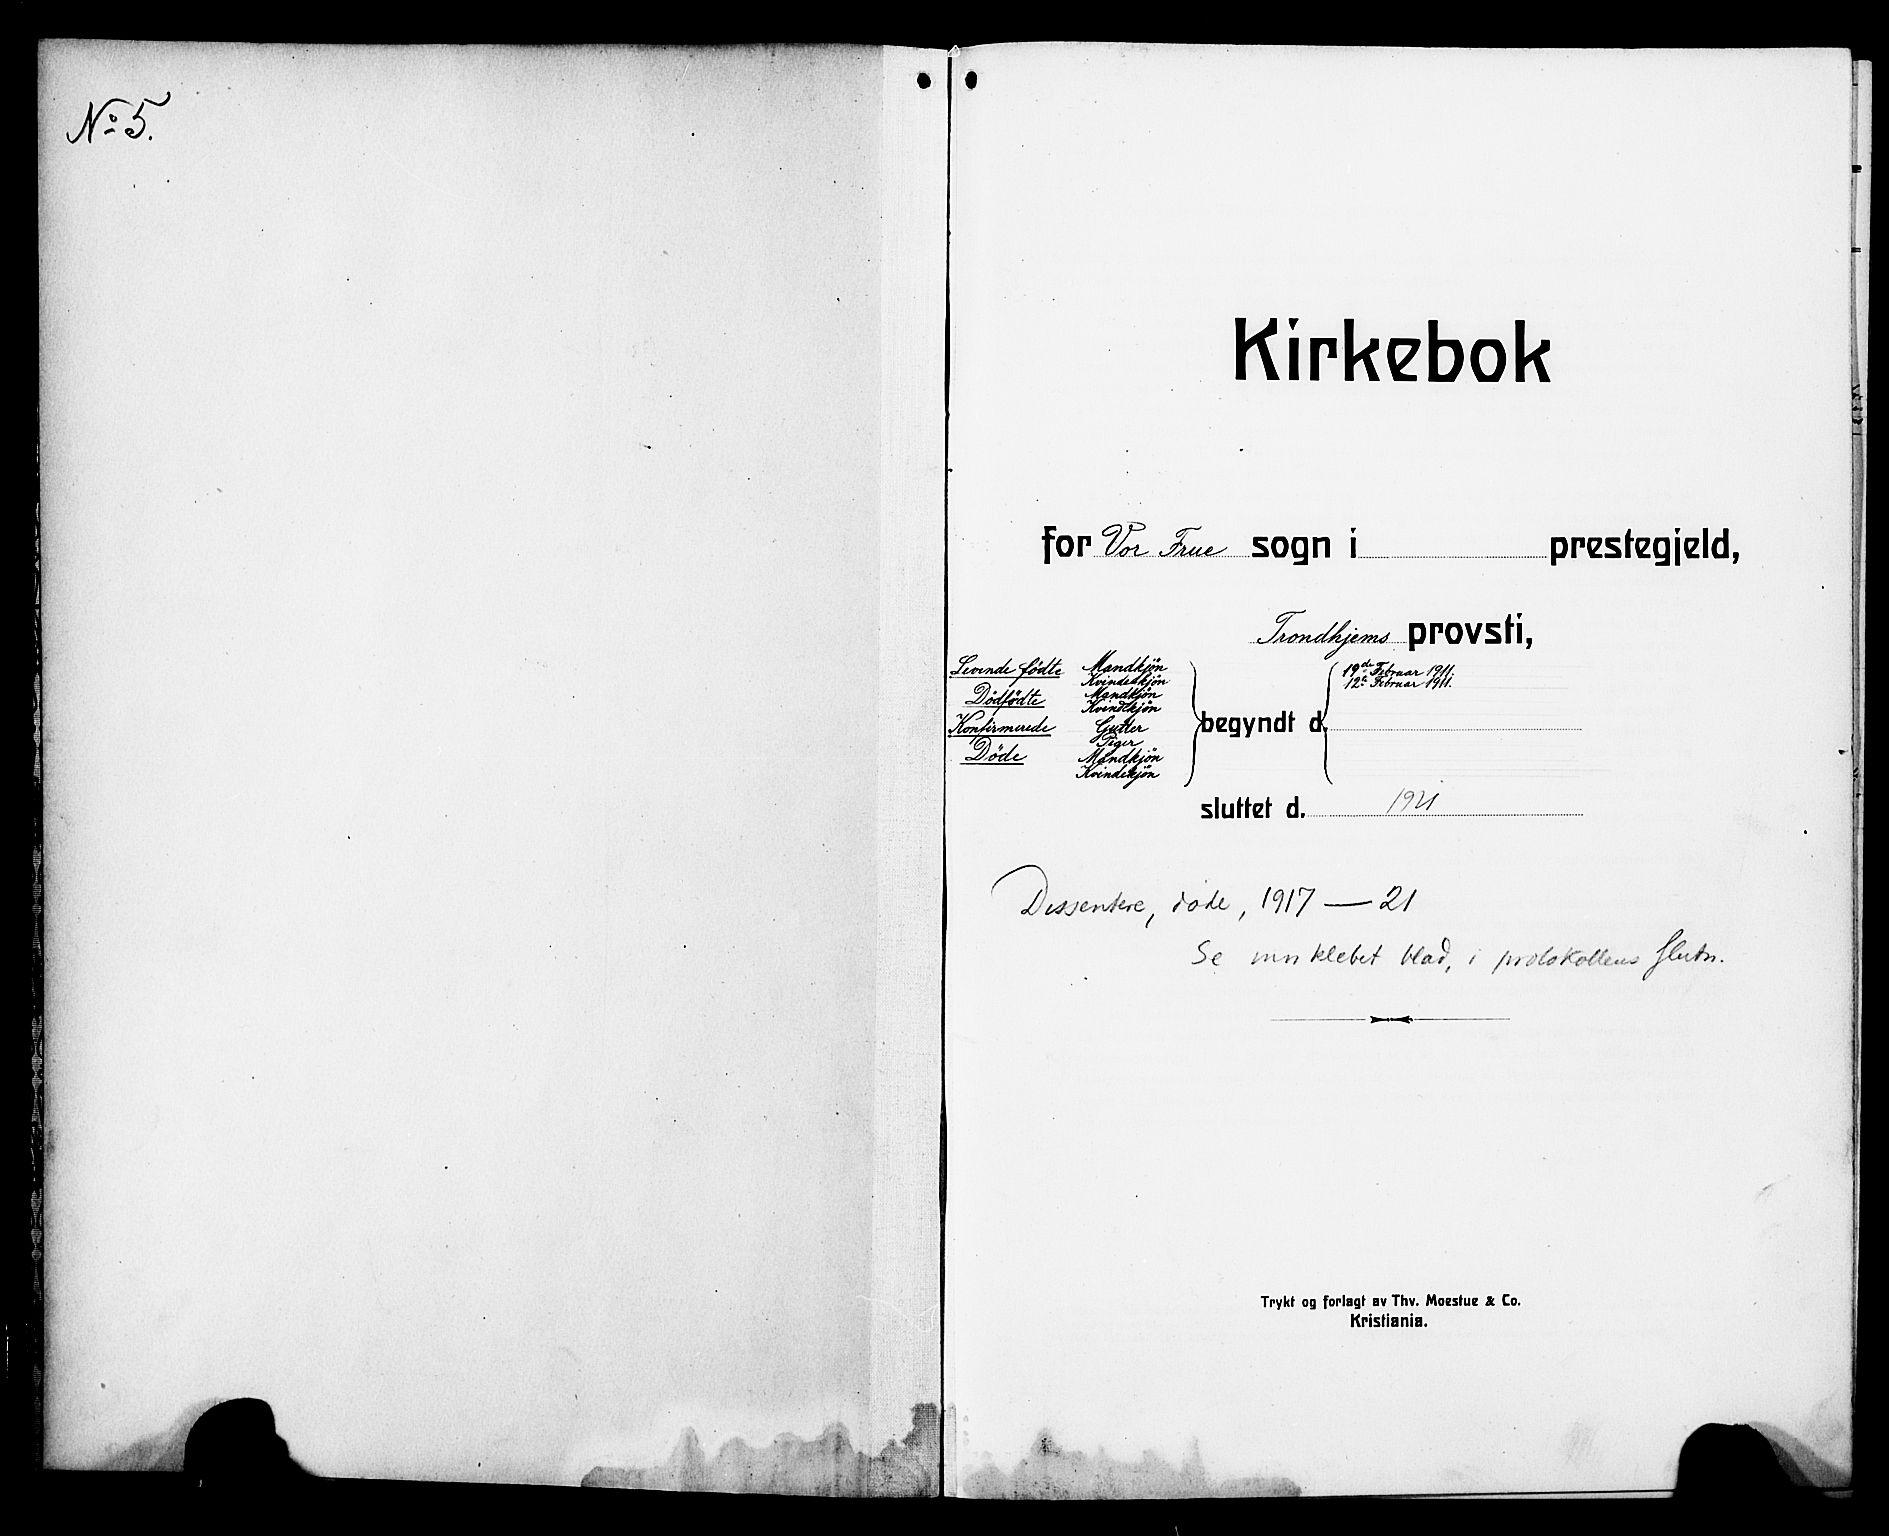 SAT, Ministerialprotokoller, klokkerbøker og fødselsregistre - Sør-Trøndelag, 602/L0147: Klokkerbok nr. 602C15, 1911-1924